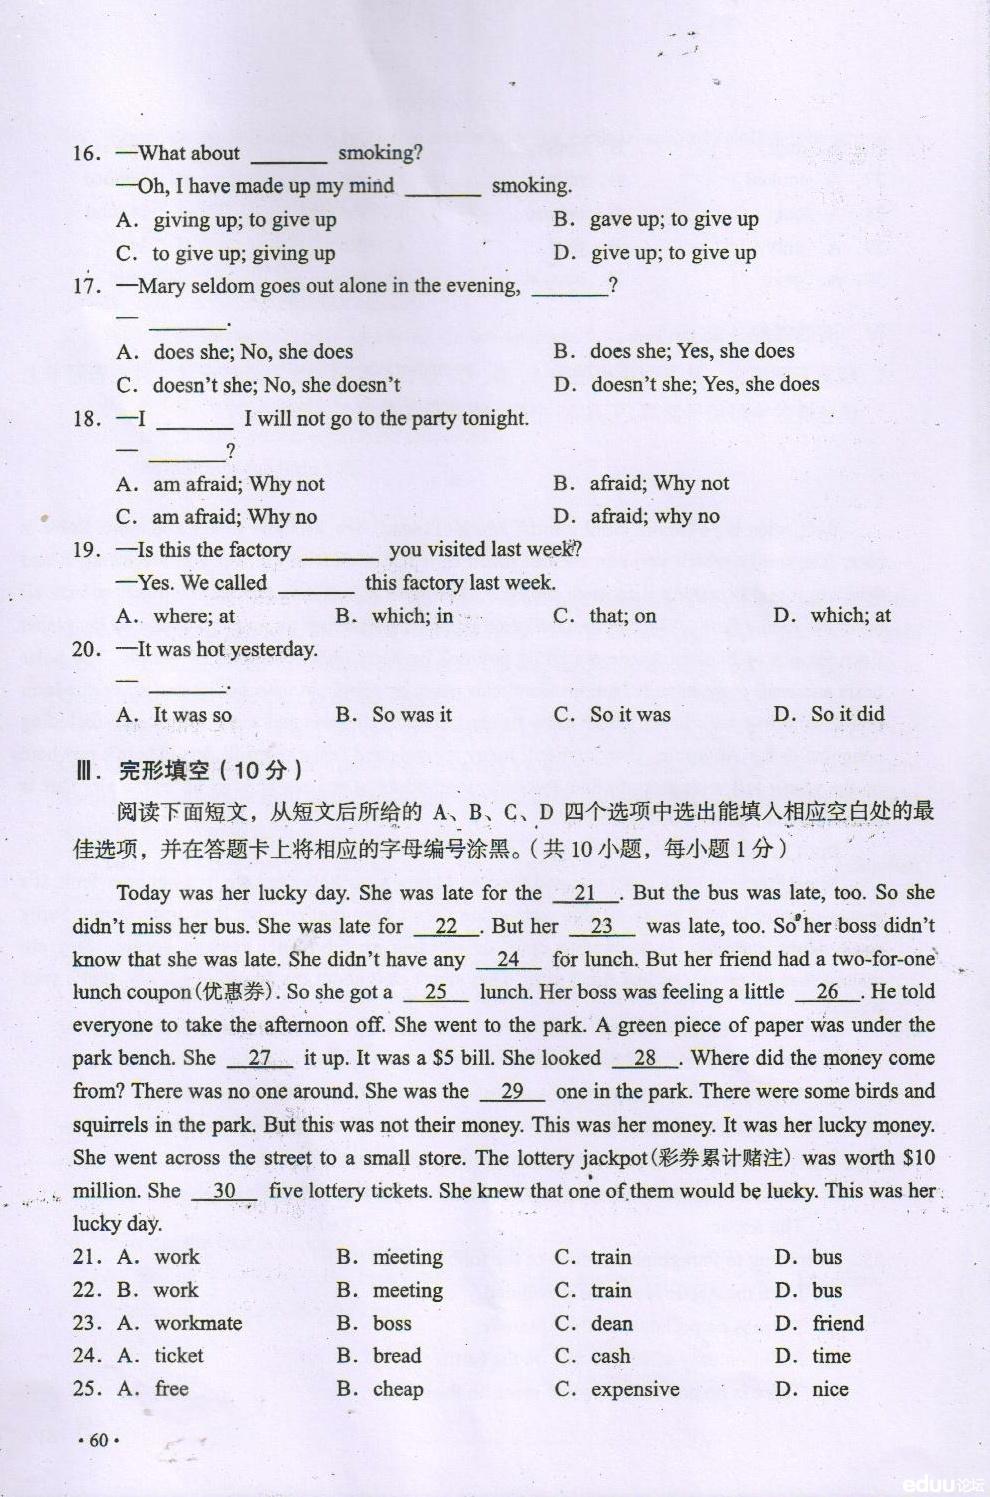 2013深圳中考模拟试题一 3.jpg